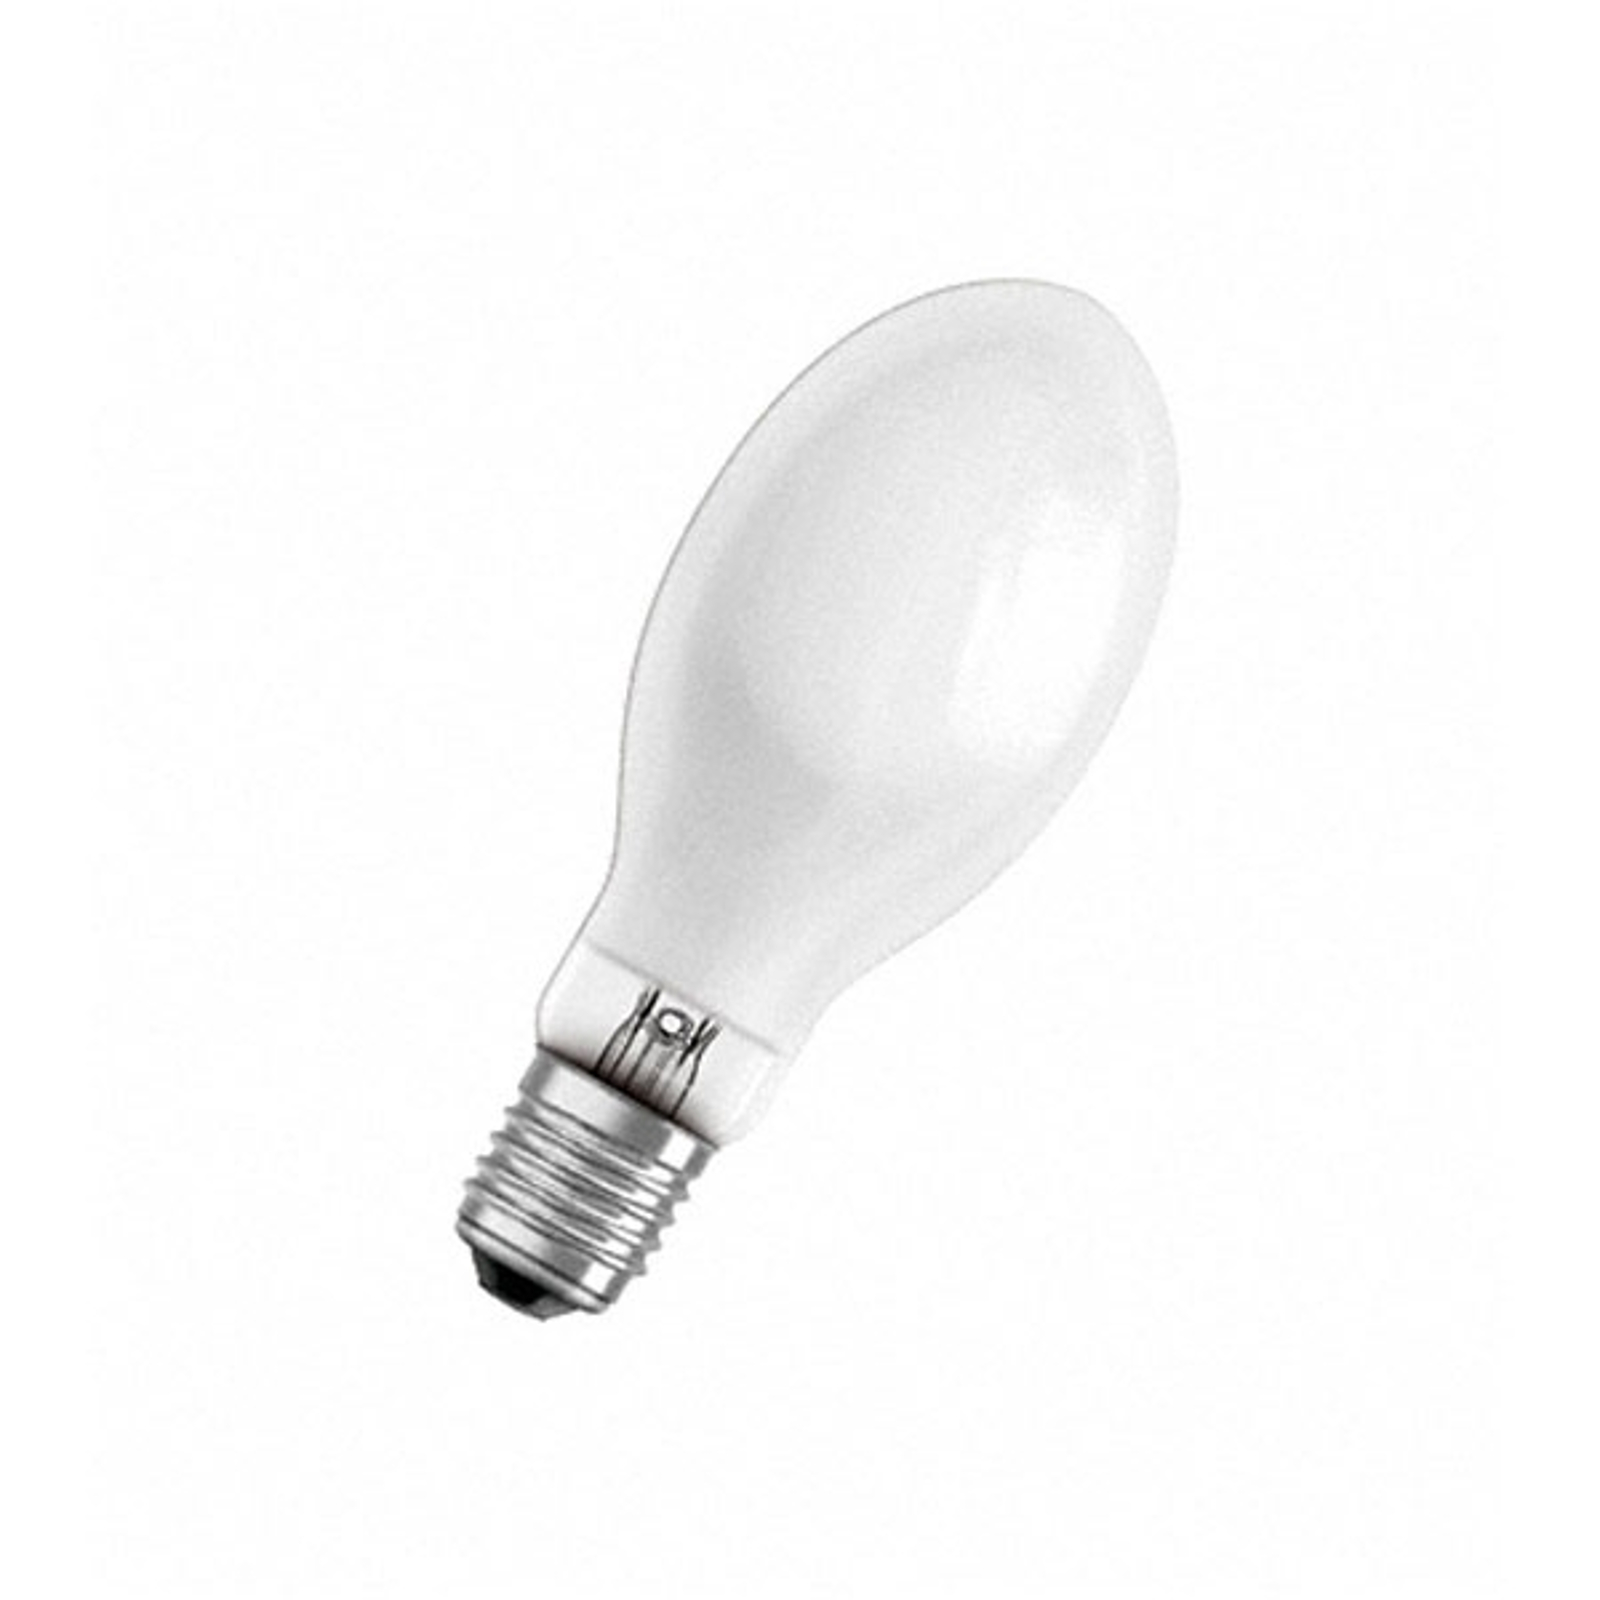 Ampoule hallogénures Powerstar HQI-E E40 400W